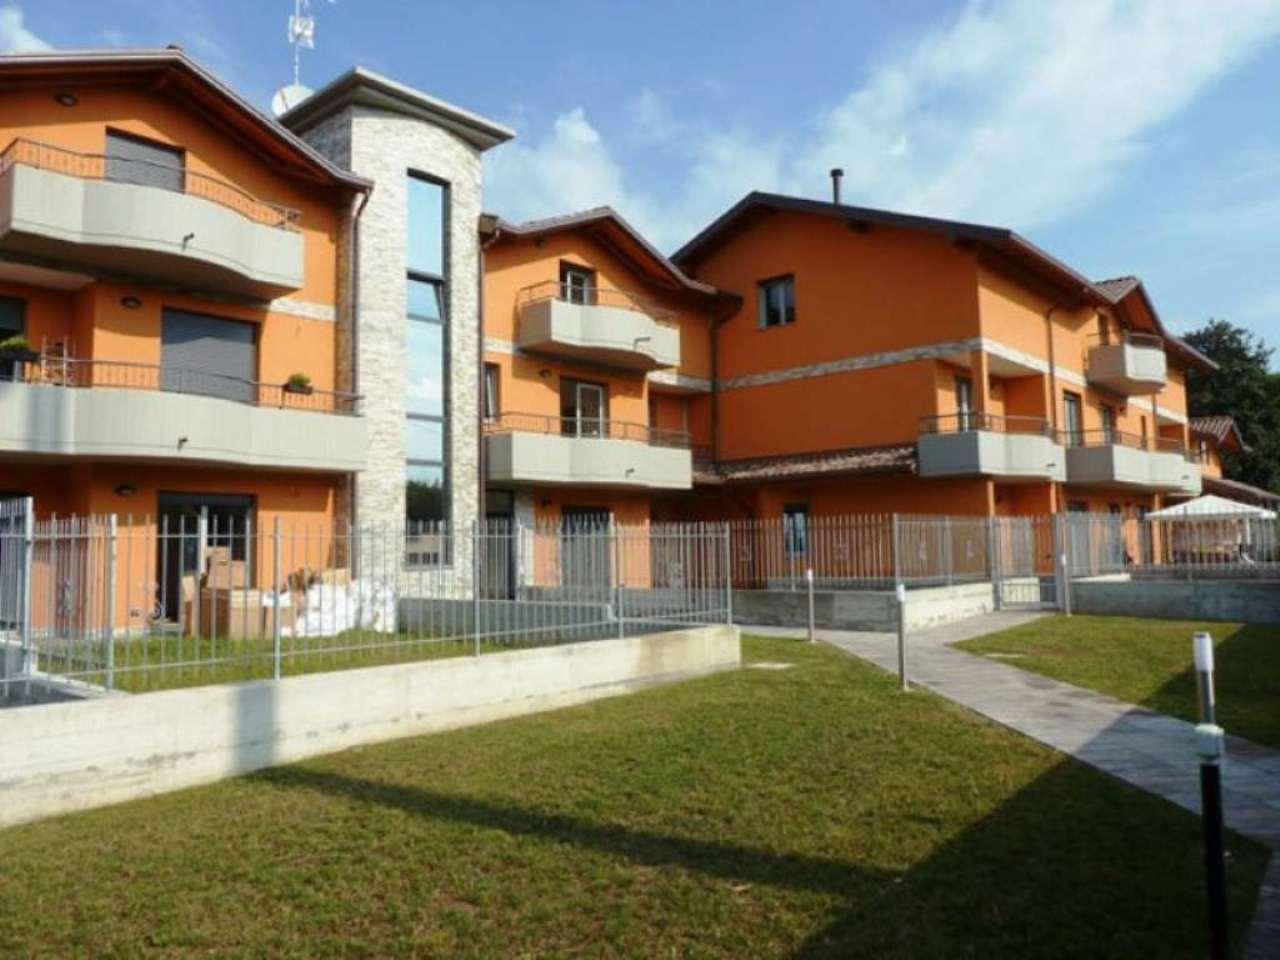 Appartamento in vendita a Marnate, 2 locali, prezzo € 140.000 | CambioCasa.it